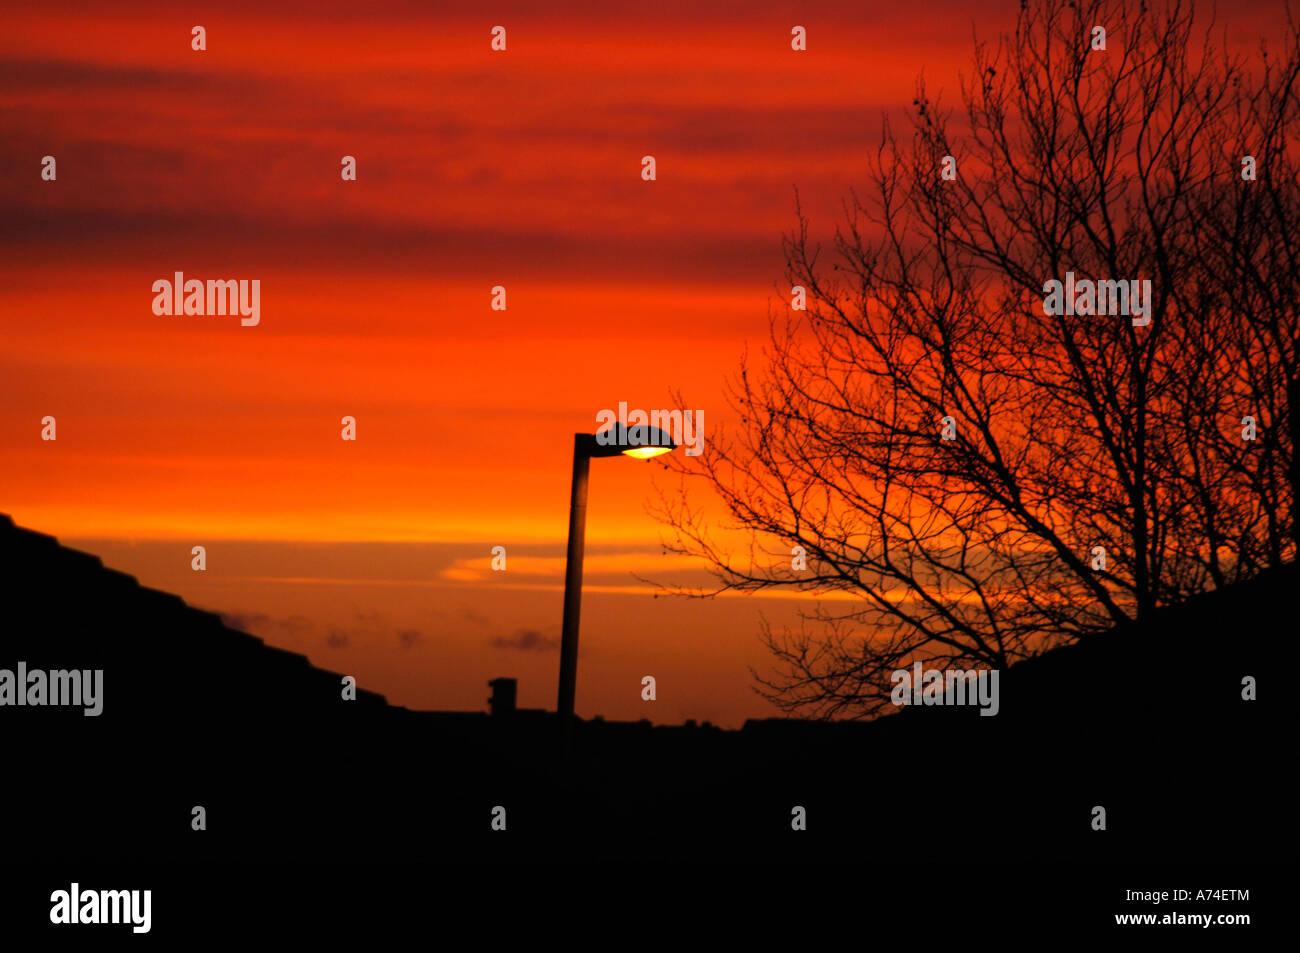 Cielo Rosso Di Notte.Urban Sera Cielo Rosso Di Notte Foto Immagine Stock 11721091 Alamy